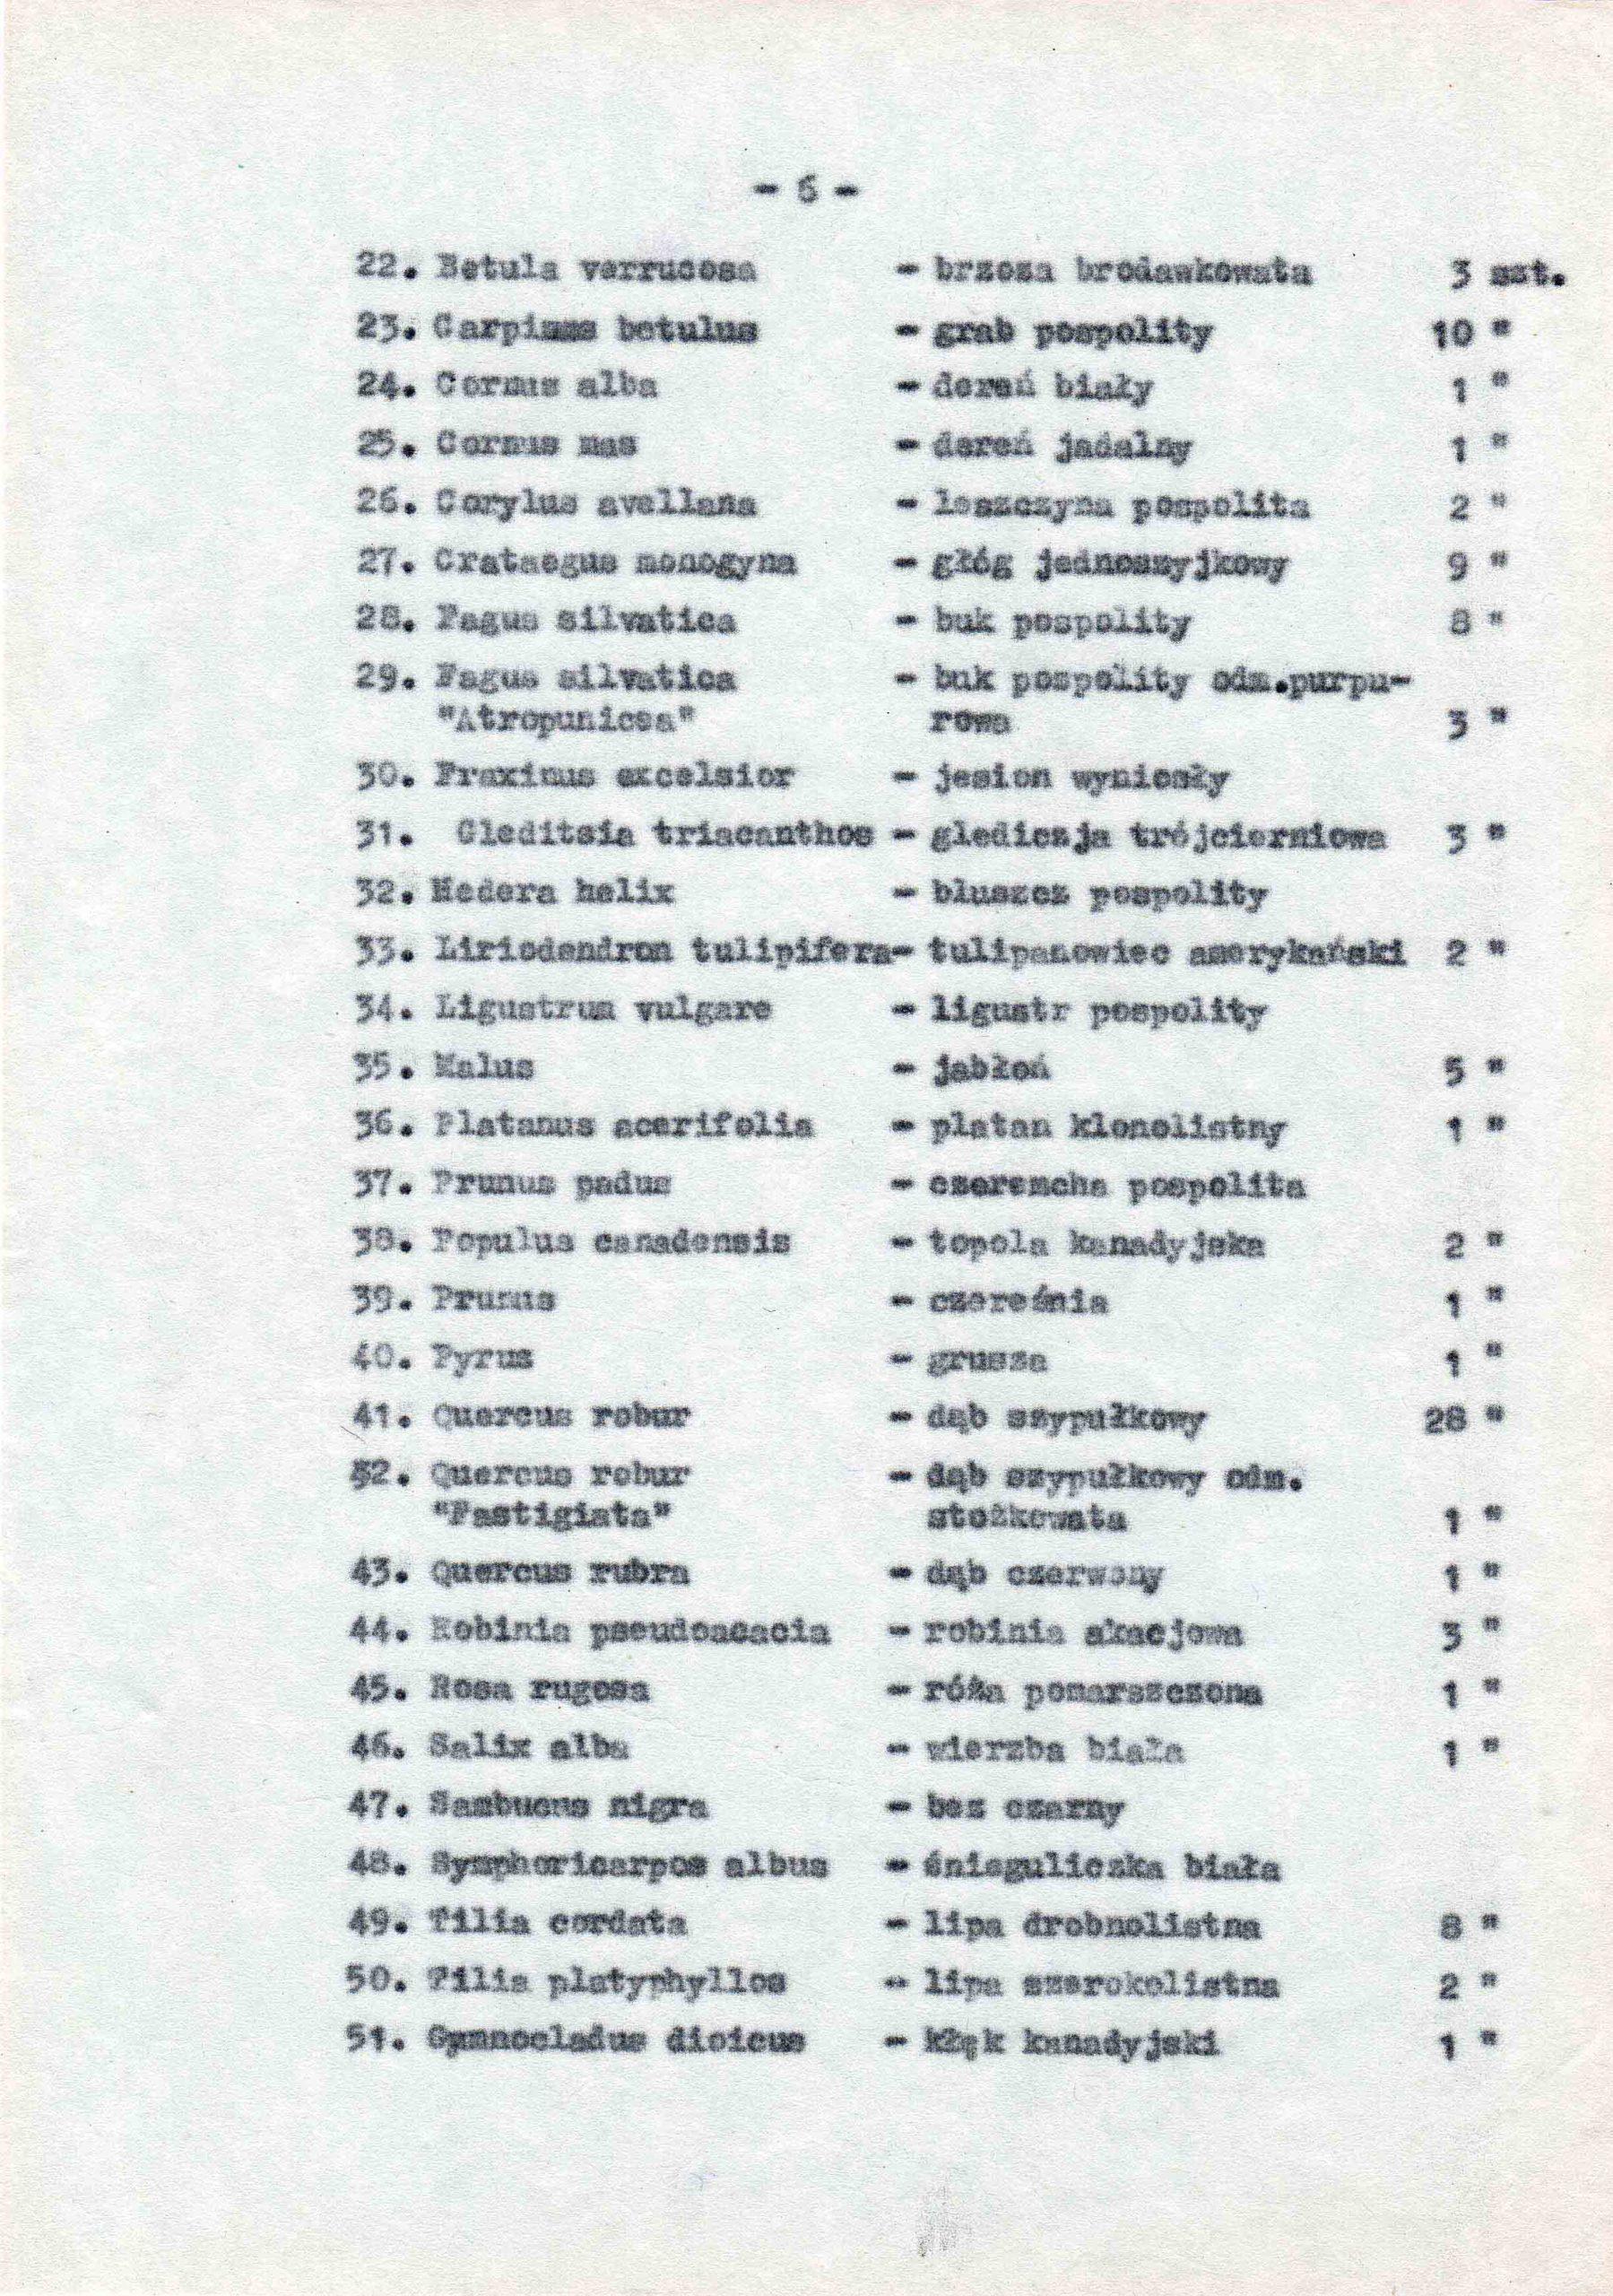 Ewidencja założenia ogrodowo-parkowego 1987 dokument (10)